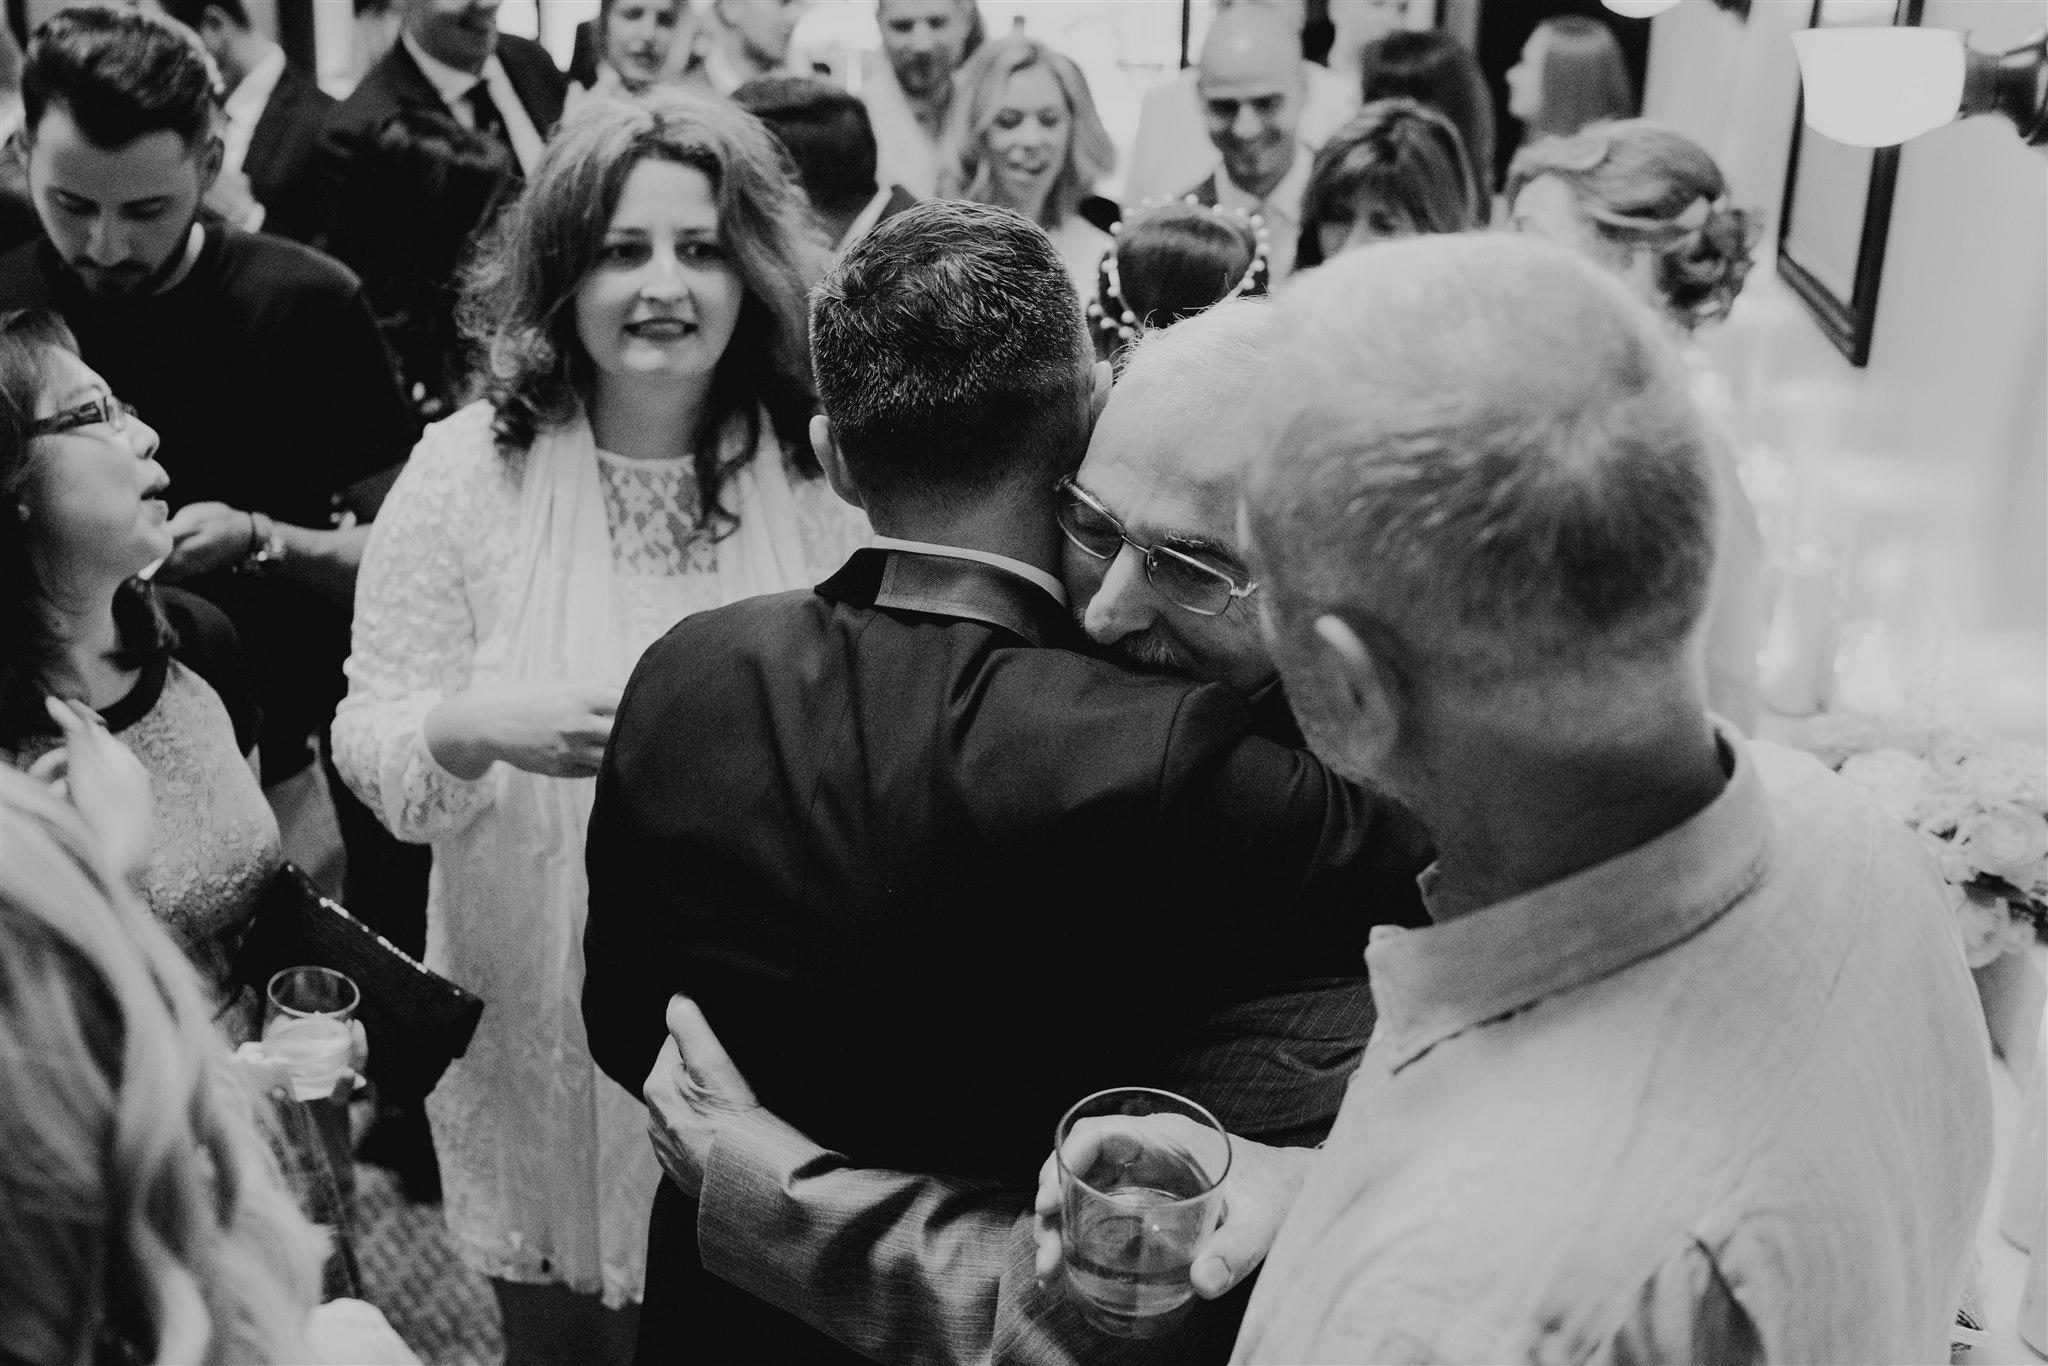 Chellise_Michael_Photography_Ramona_Brooklyn_Wedding_Photographer-460.jpg